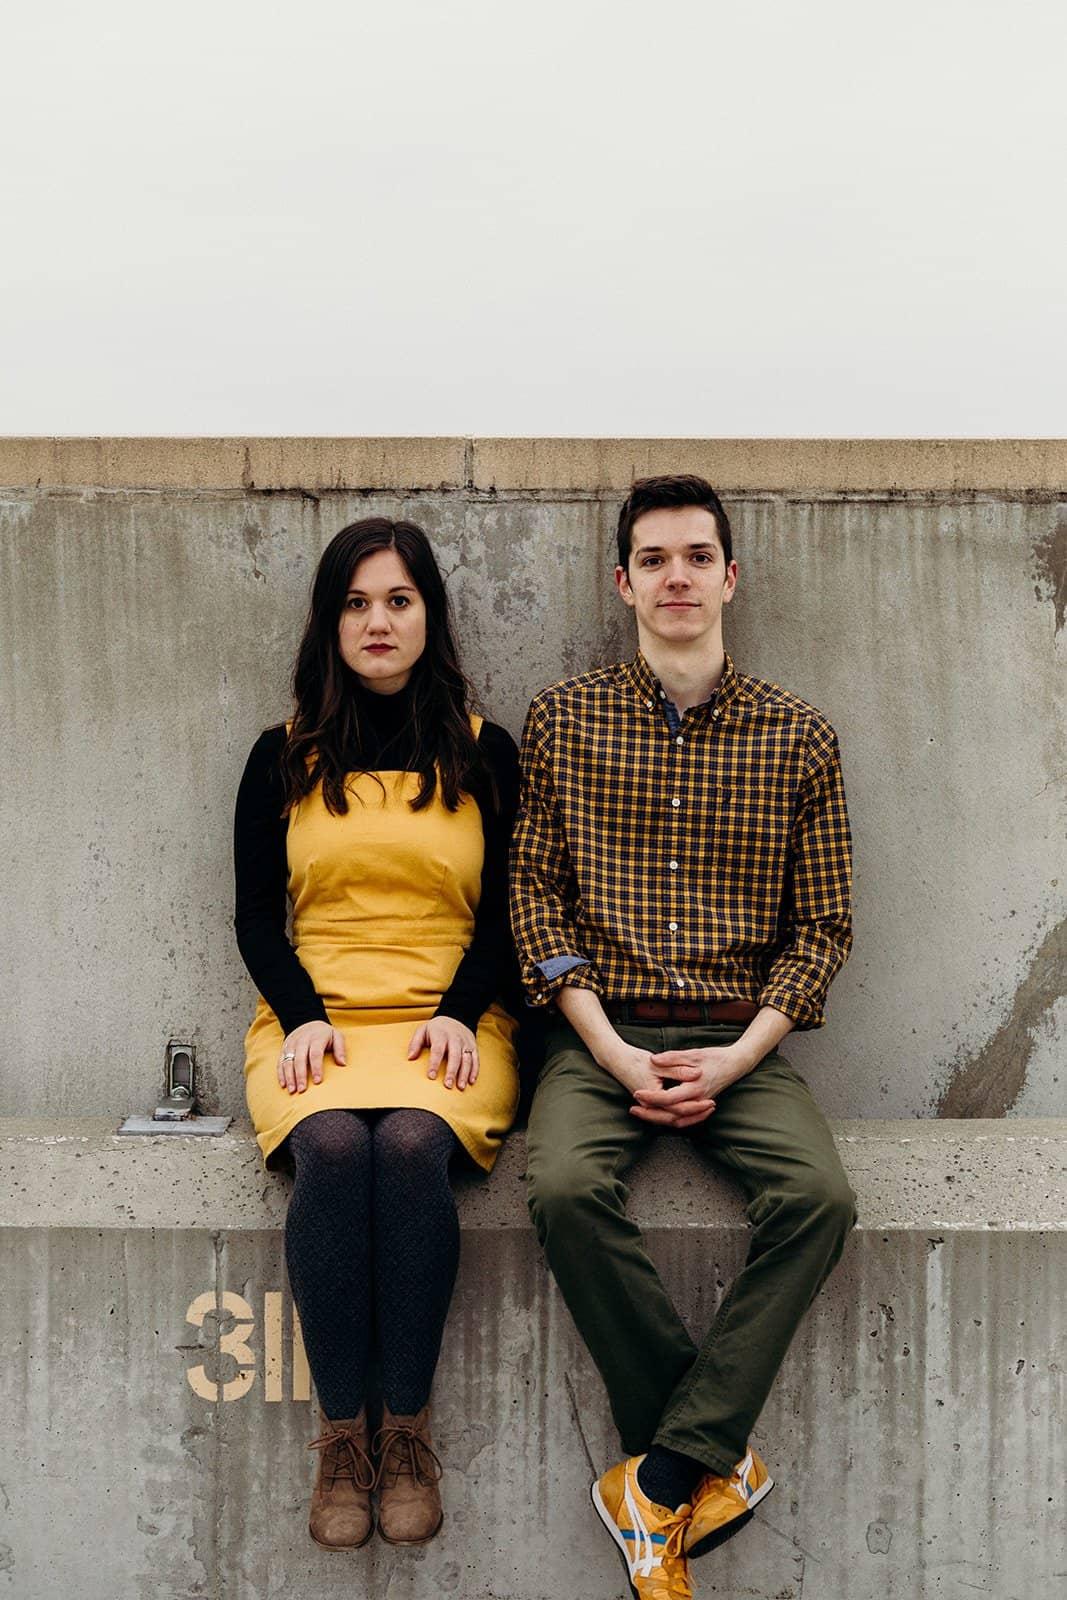 Kent Ohio Engaged couple posing on parking garage ledge